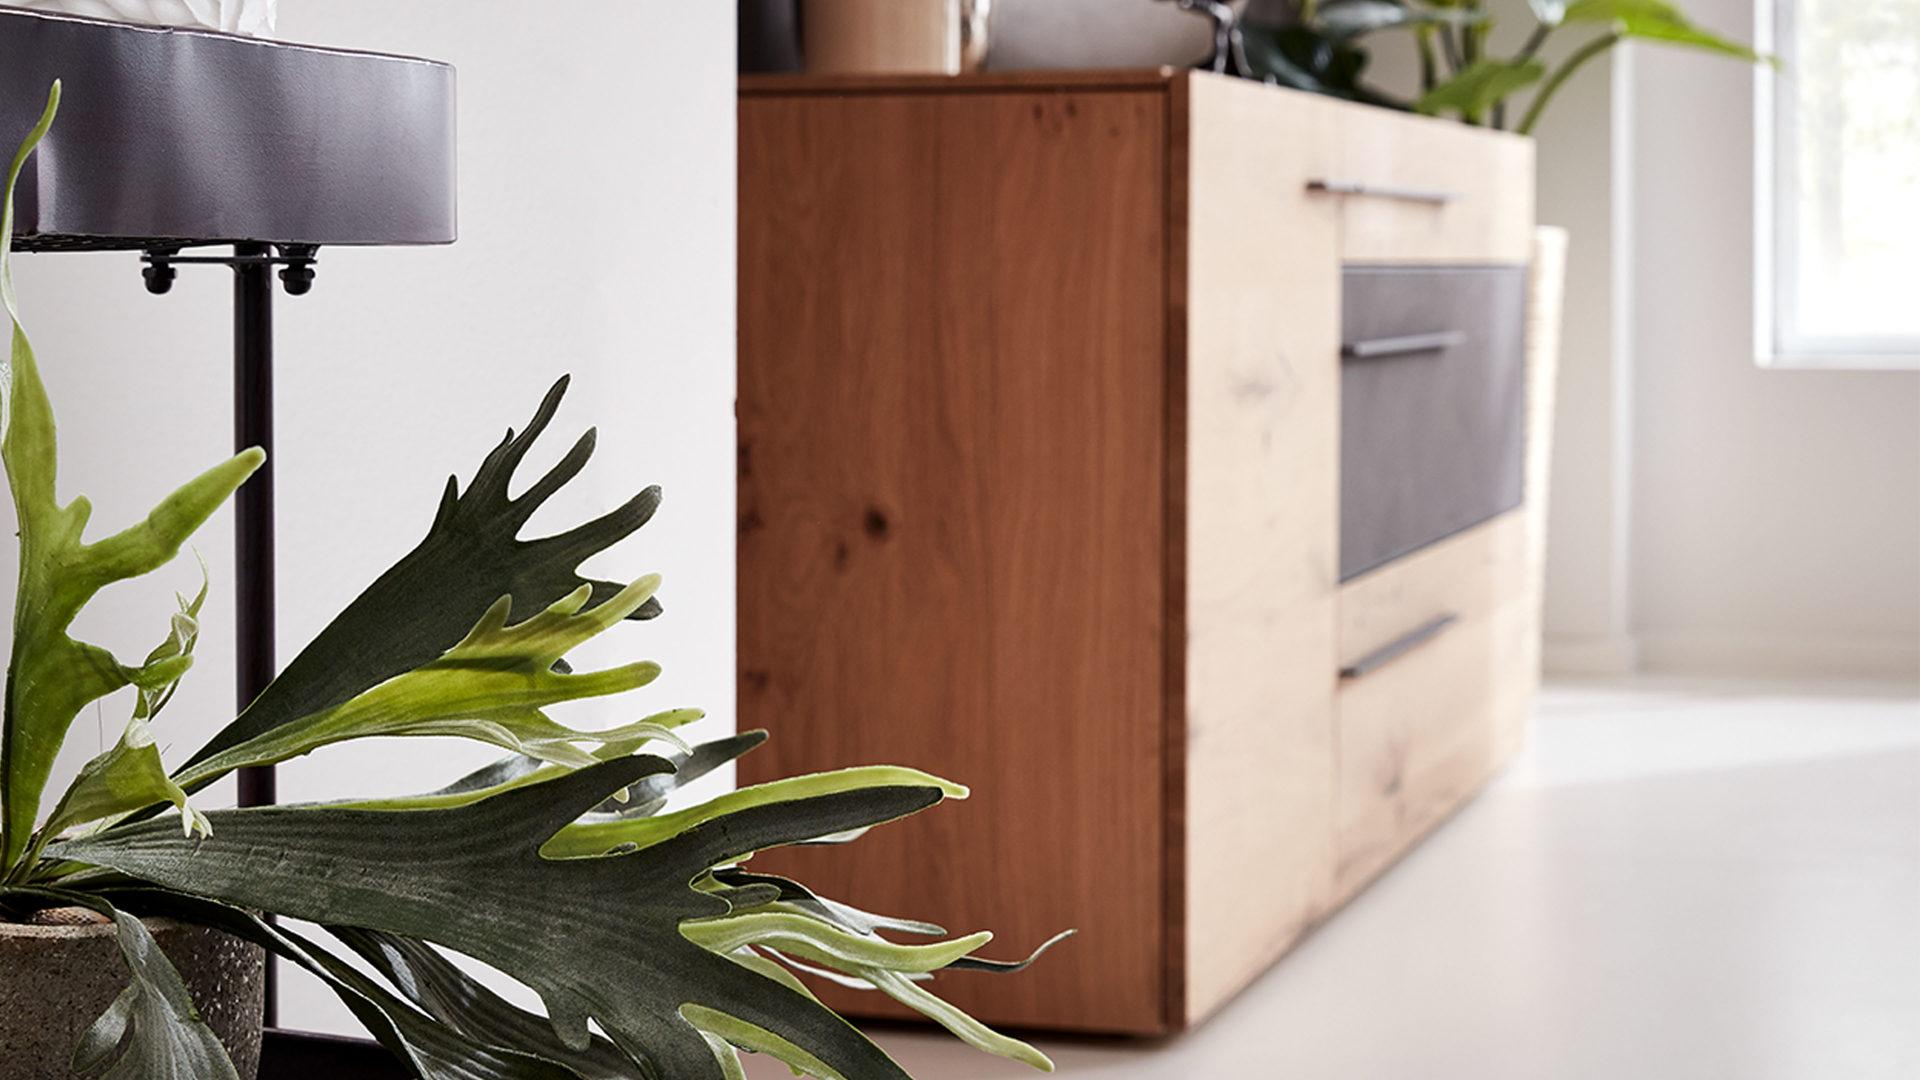 Interliving Wohnzimmer Serie 2004 – Sideboard, Wildeiche & Beton – eine  Tür, drei Schubladen